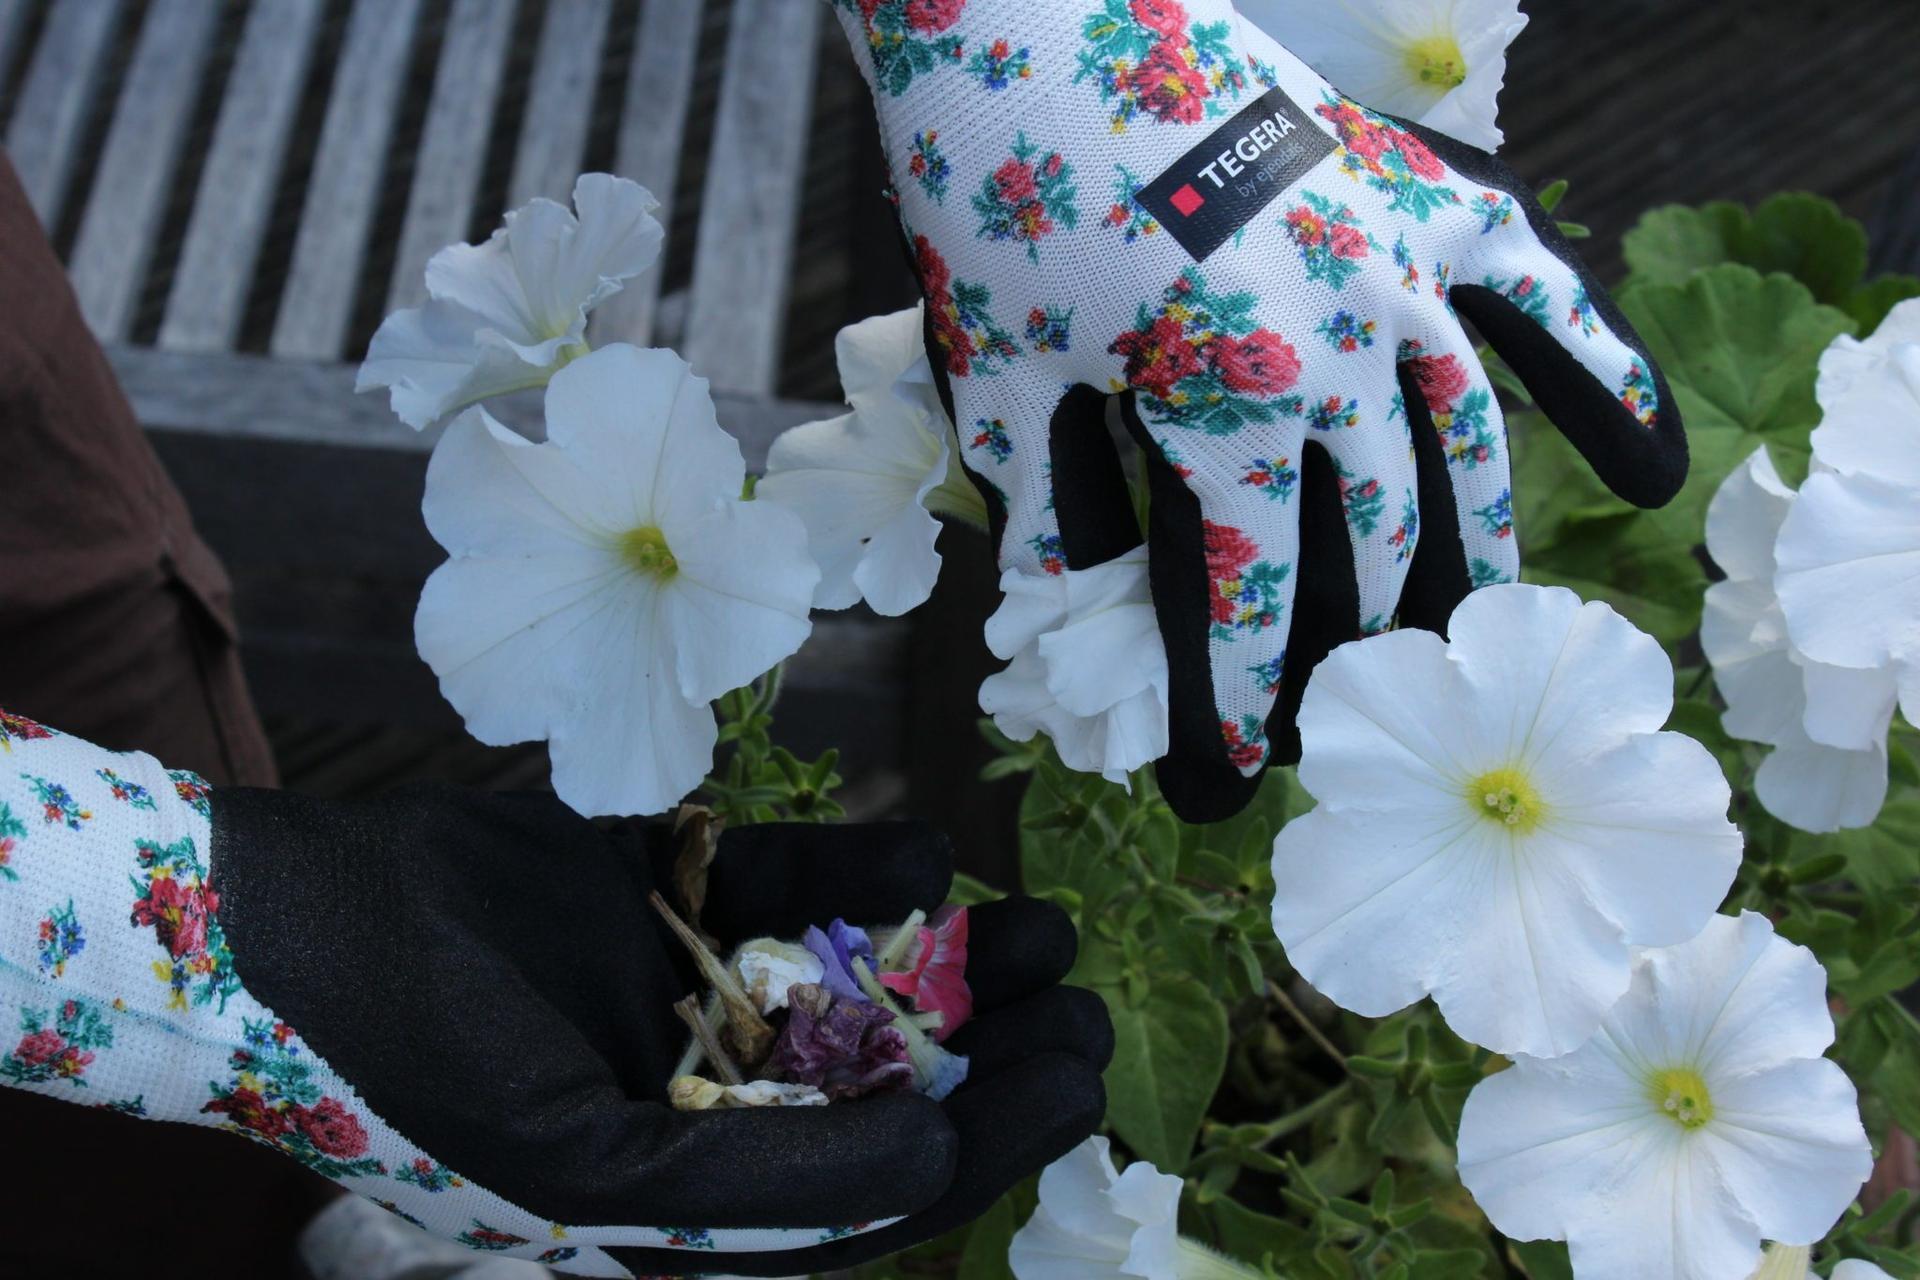 Jarné vzory na kolekcií TEGERA® Tällberg 🌹🌷  Pracovné rukavice s hravými kvetinovými vzormi pre všetky záhradníčky, pestovateľky a ďalšie ženy, ktoré sa neboja poriadnej práce. Aktuálnych 7 modelov nájdete na: www.tegera.sk/kategoria/kolekcia-tallberg - Obrázok č. 3